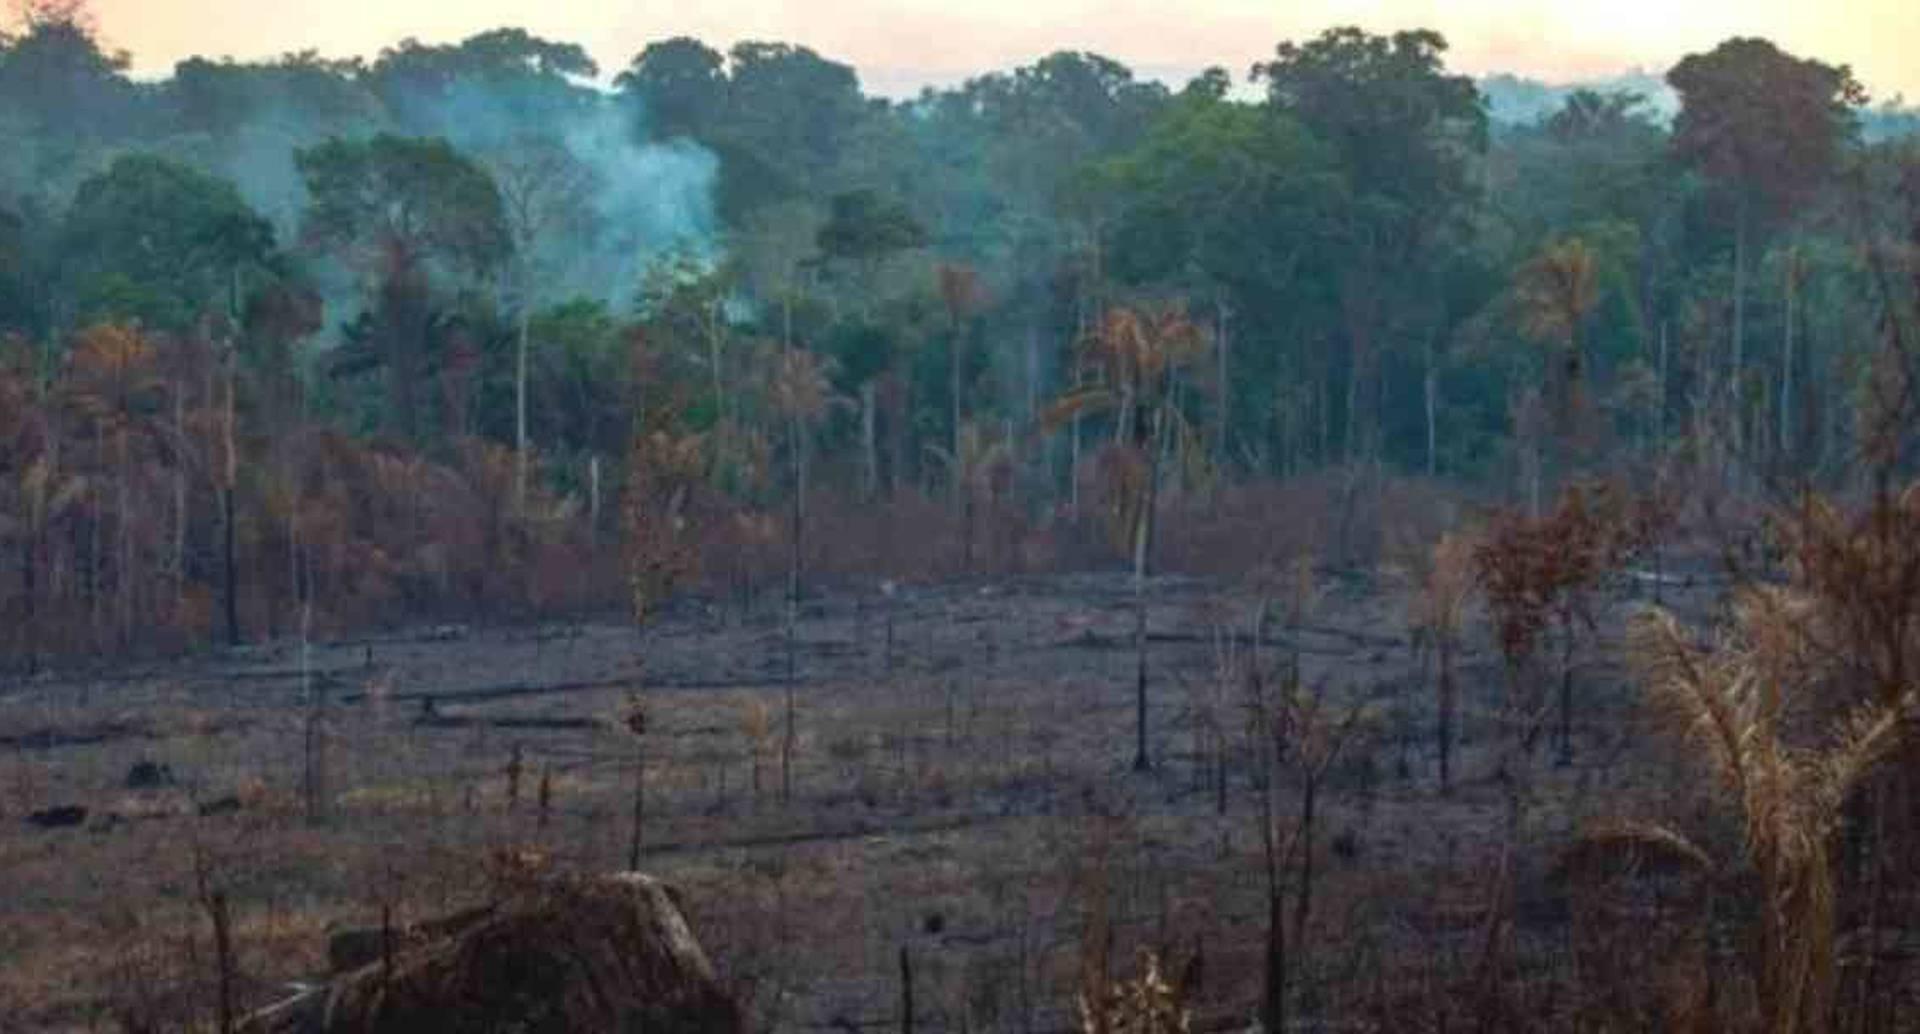 Los incendios son una de las principales causas de la deforestación en Brasil . Foto: Getty Images